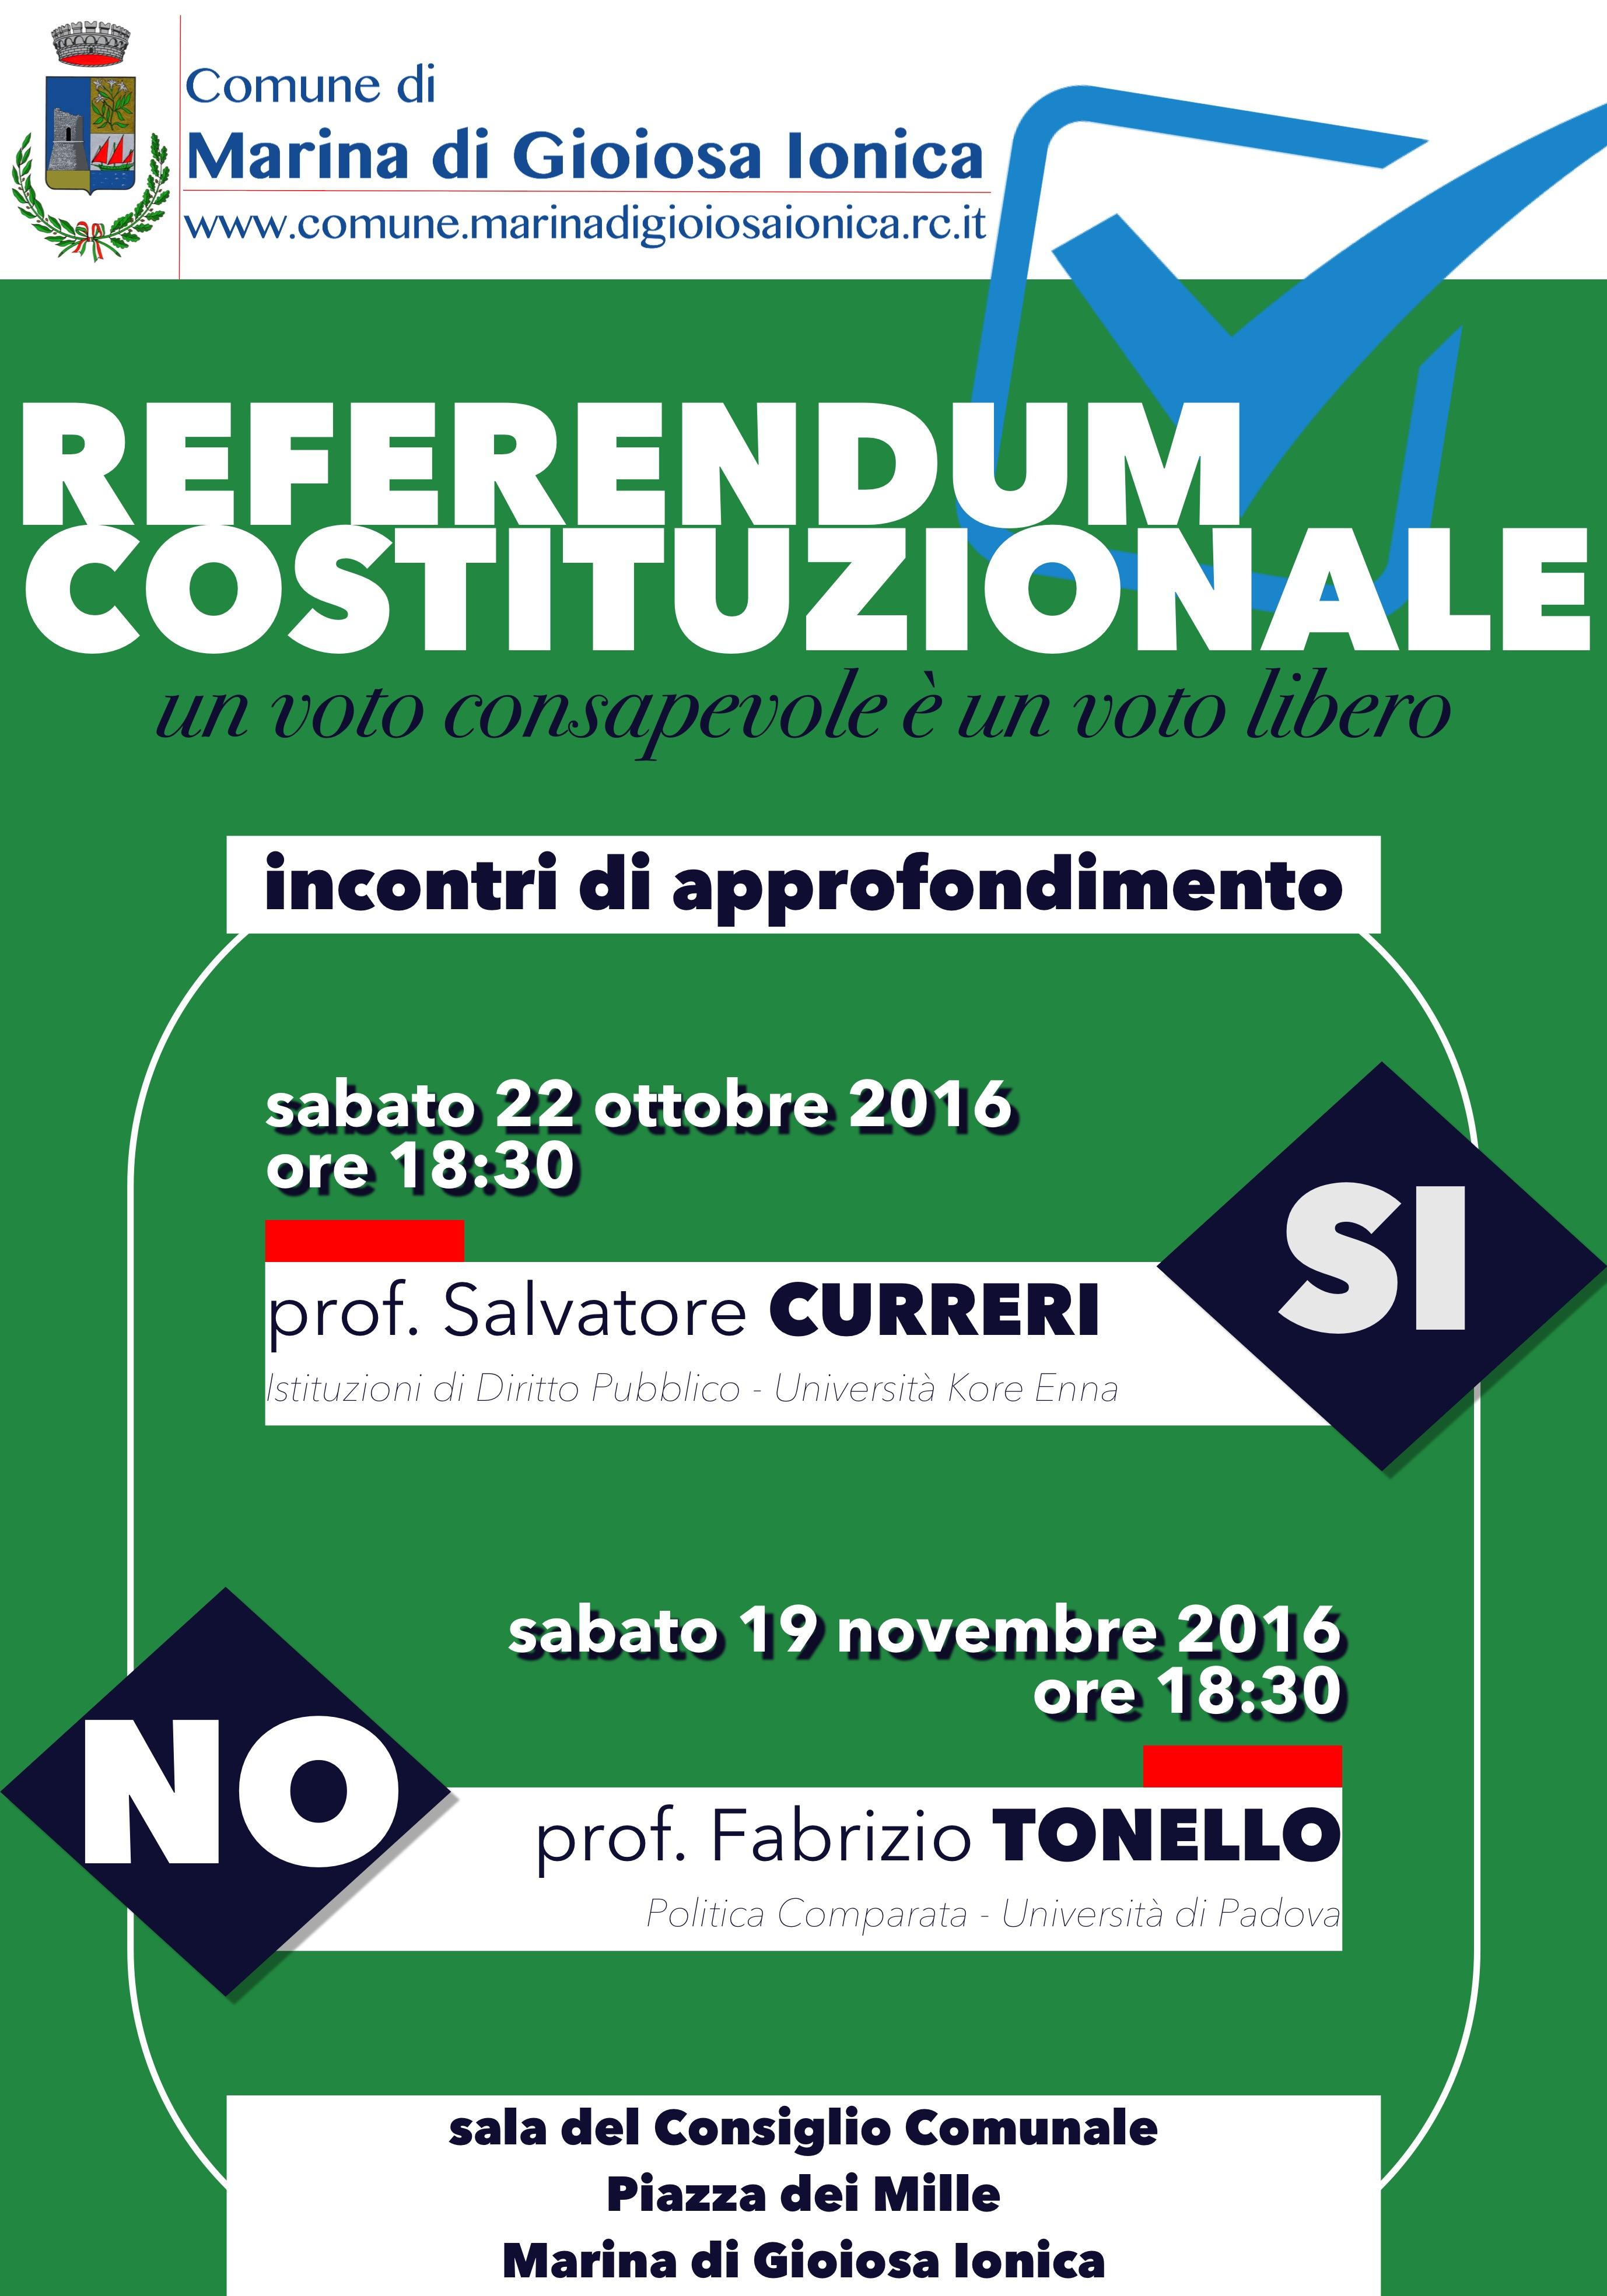 incontri-referendum-costituzionale-gioiosa